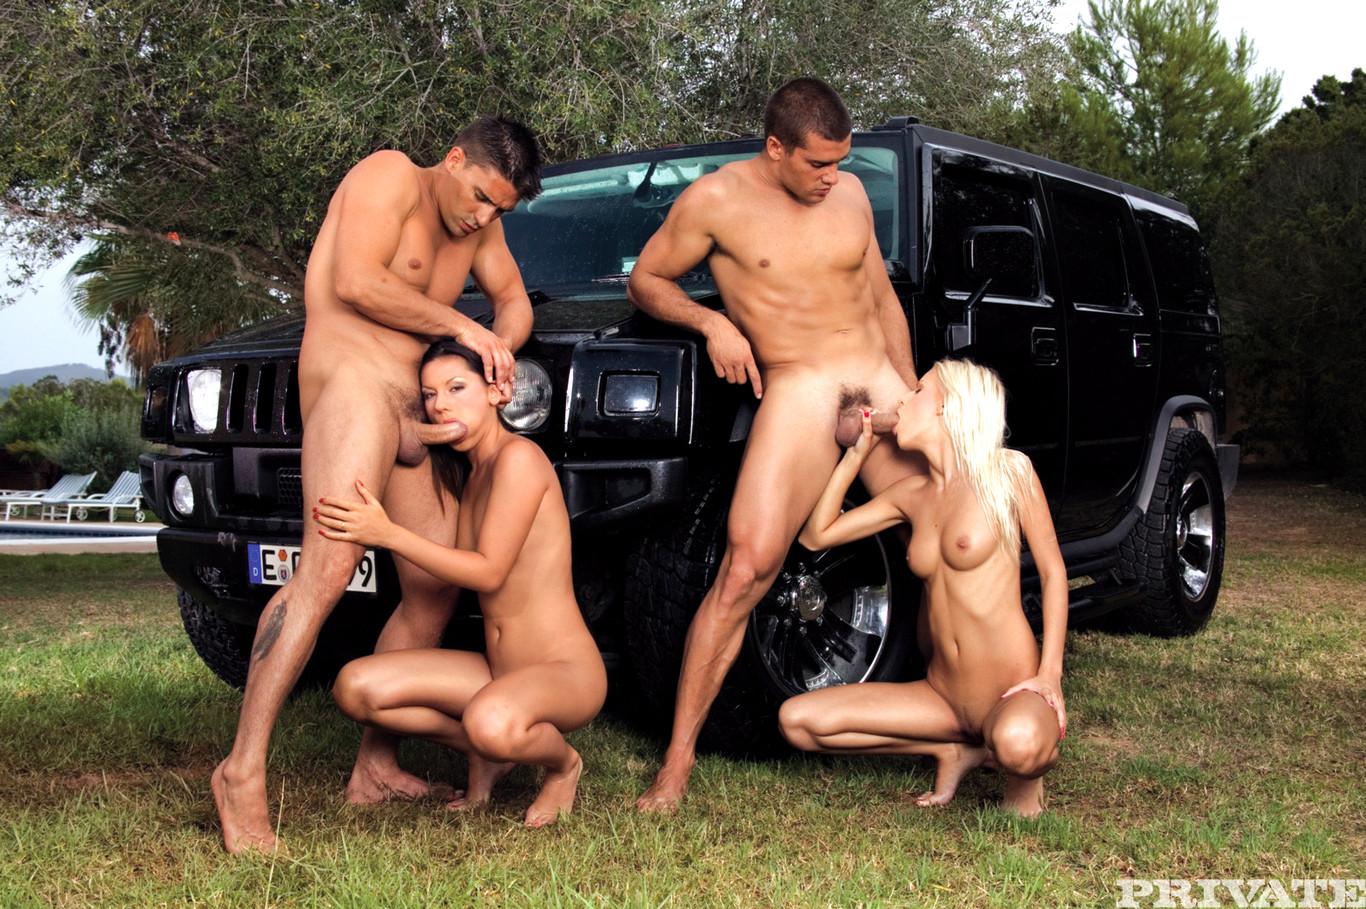 Секс групповой секс машины, гиг порно секс машины видео смотреть HD порно 1 фотография